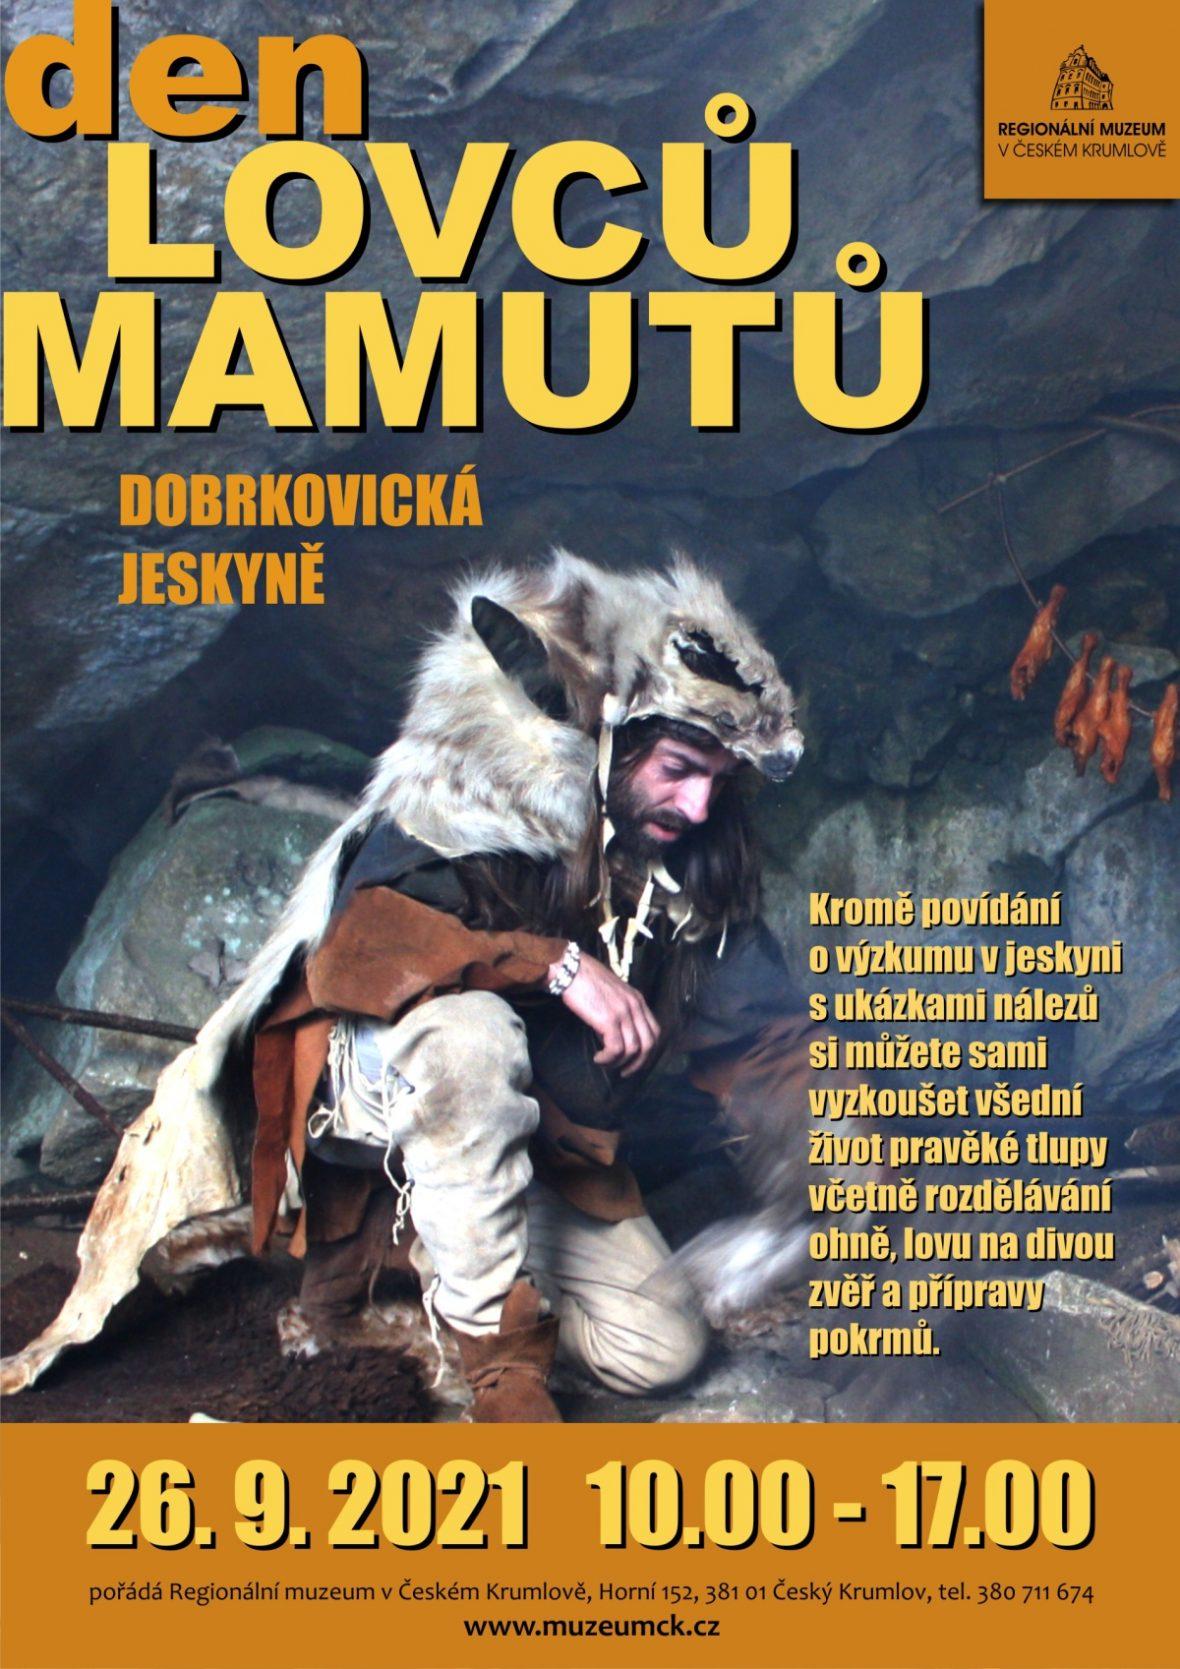 Plakát ke Dni lovců mamutů